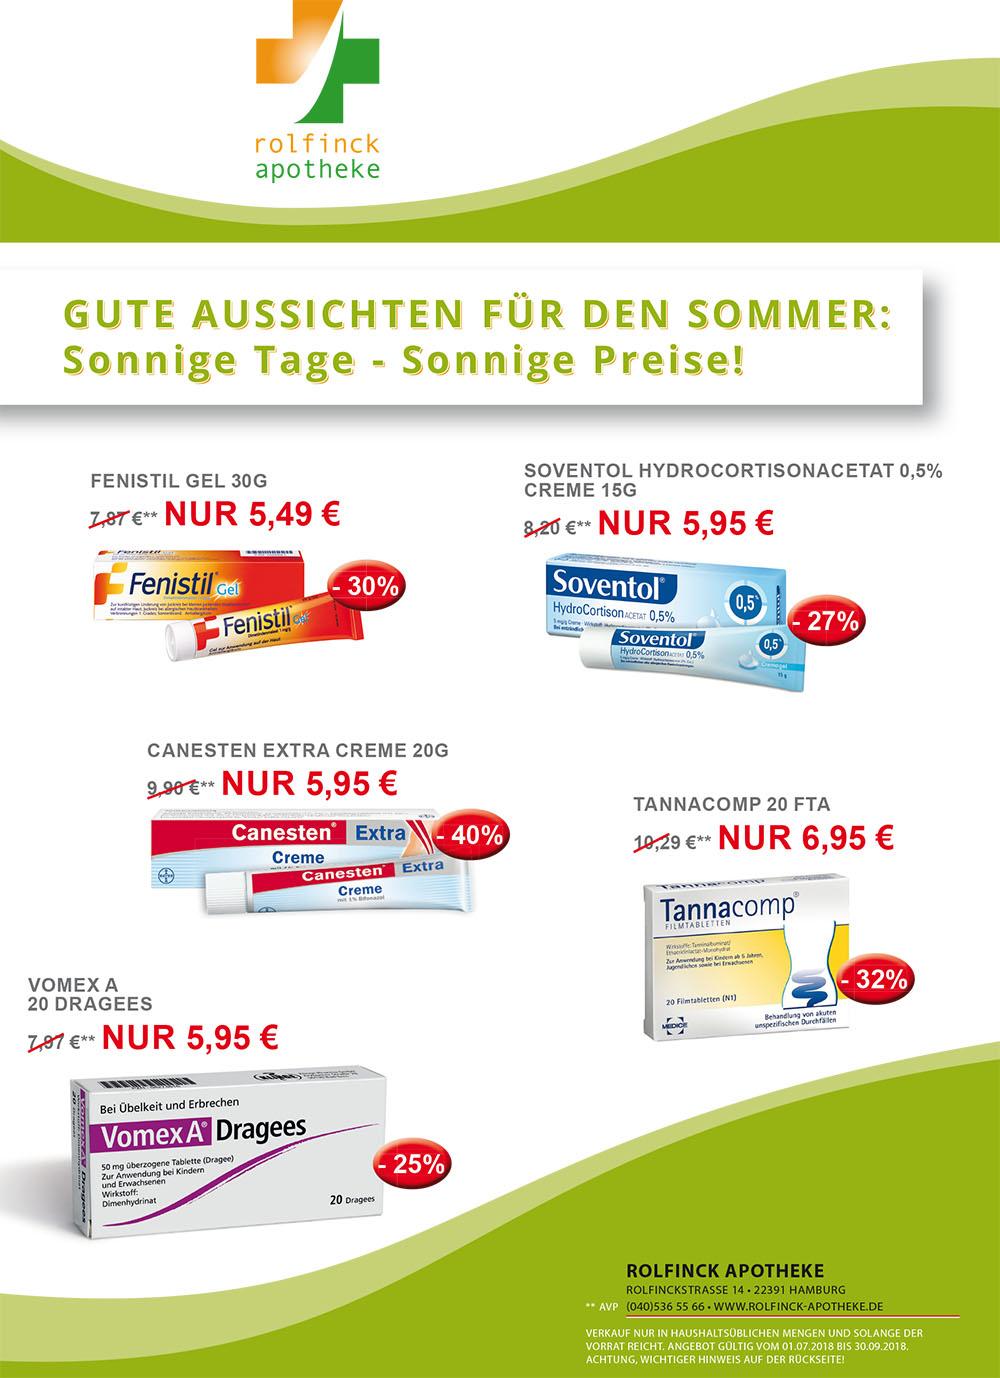 https://www.apotheken.de/fileadmin/clubarea/00000-Angebote/22391_rolfinck_angebot_1.jpg